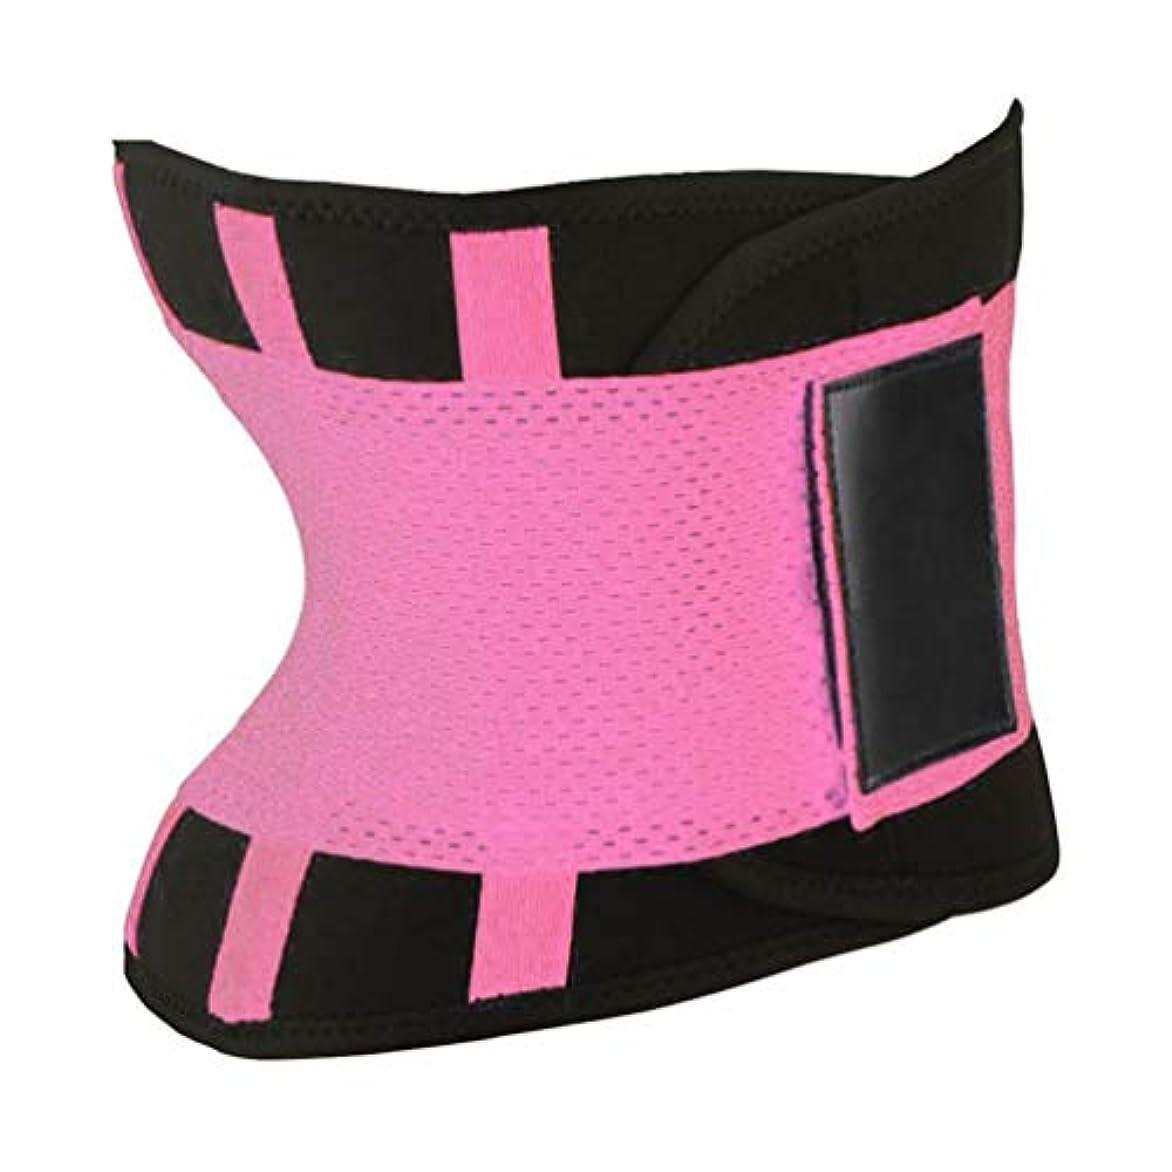 成果揺れる擬人化快適な女性ボディシェイパー痩身シェイパーベルトスポーツ女性ウエストトレーナーニッパー制御バーニングボディおなかベルト - ピンク2xl